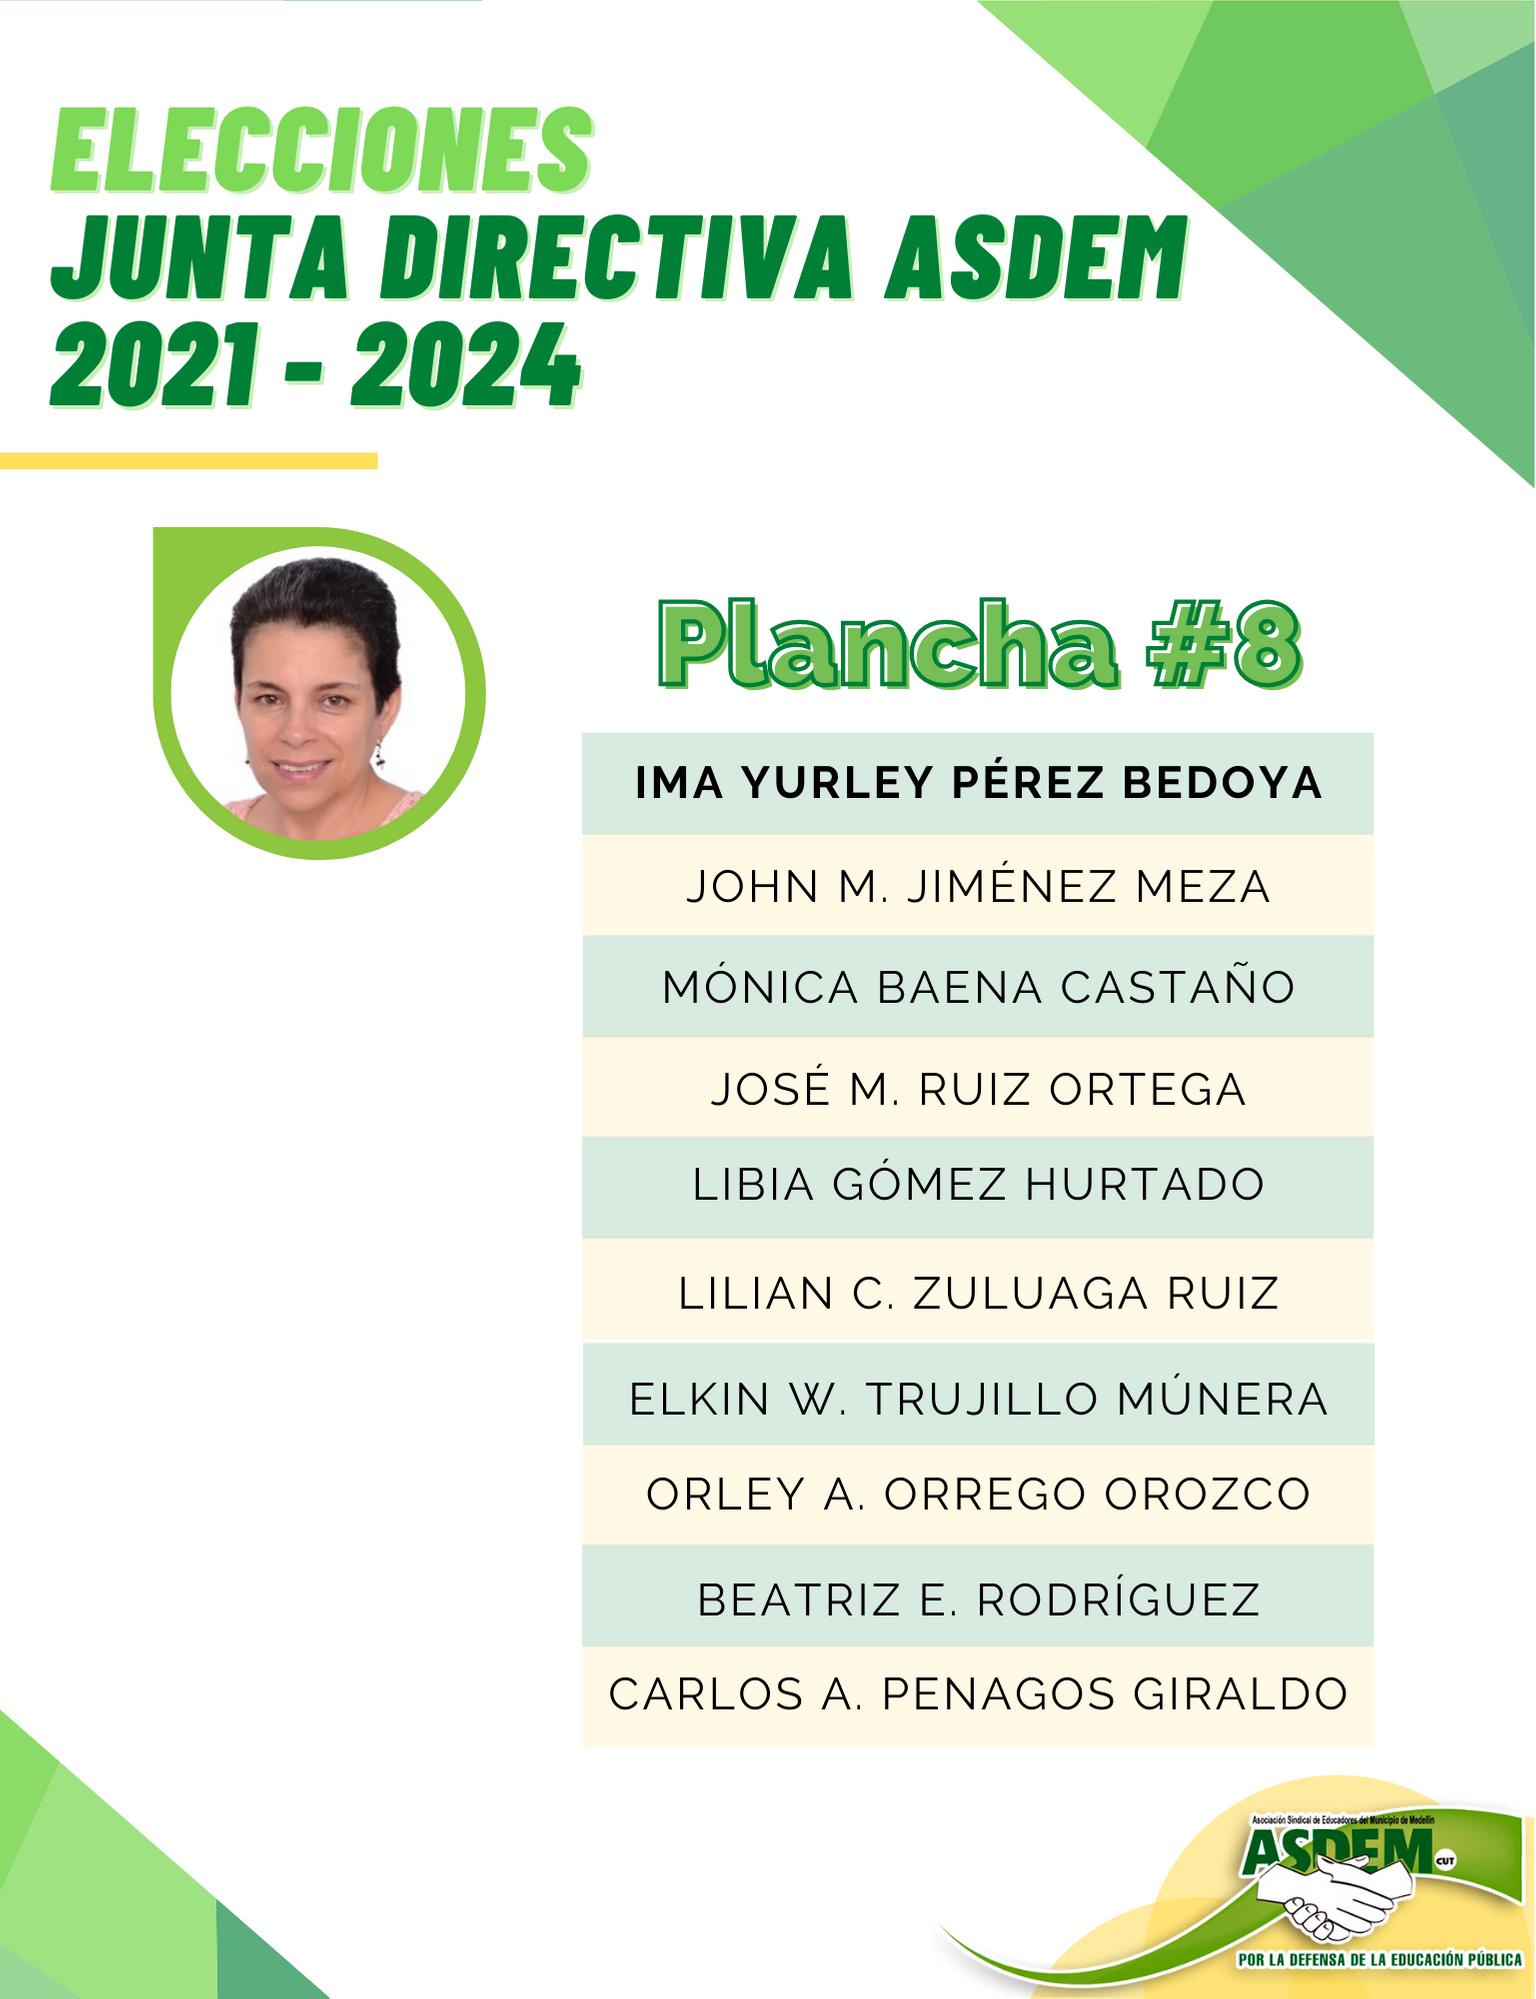 PLANCHA (8)